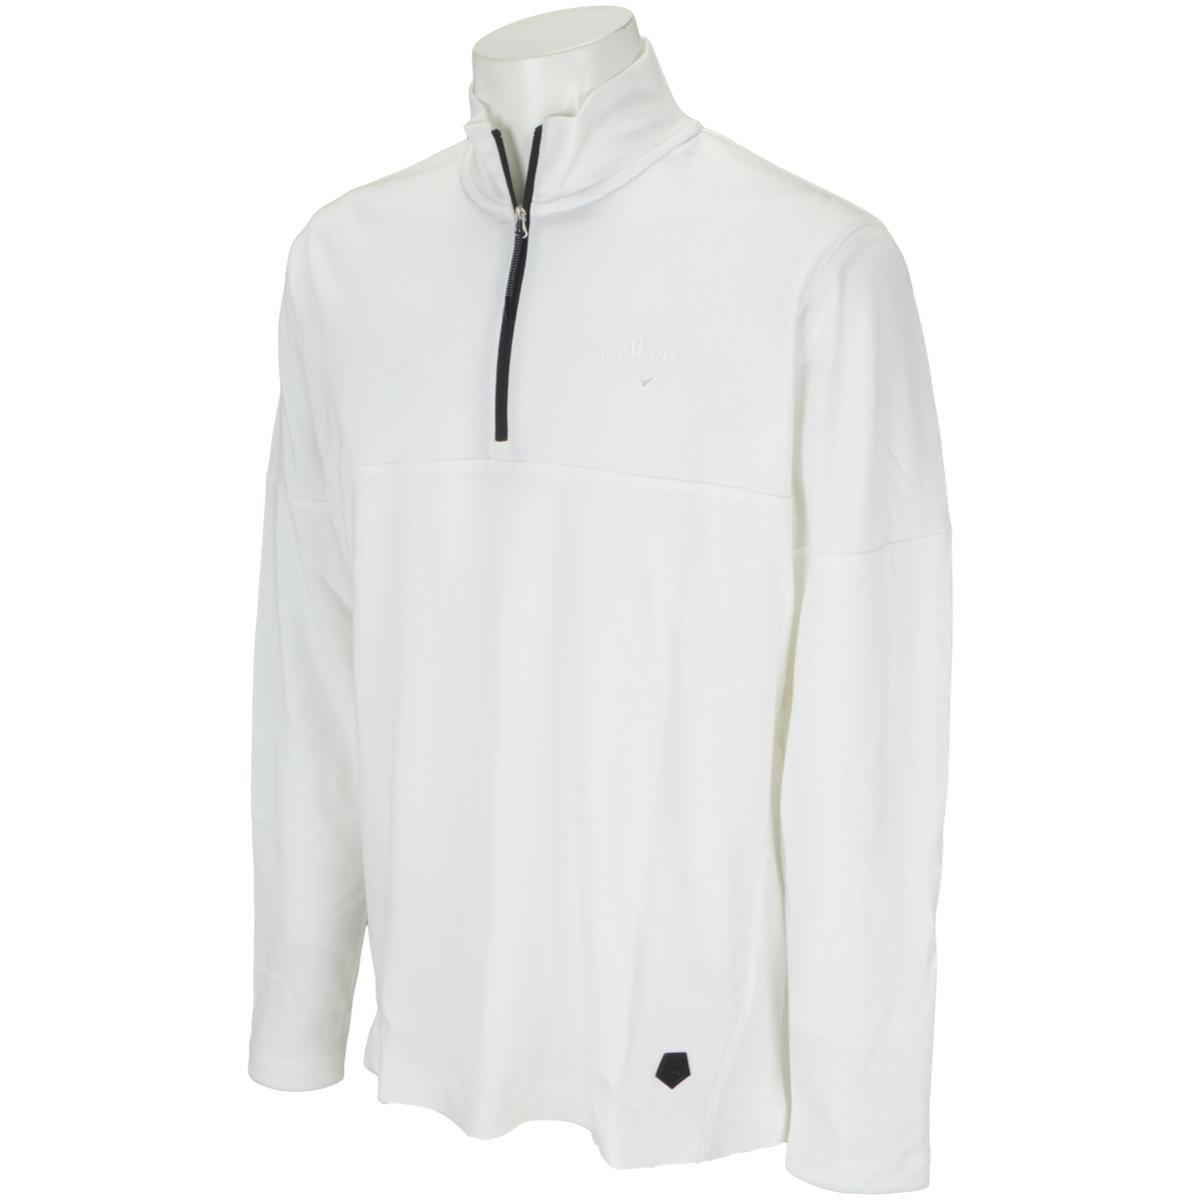 キャロウェイゴルフ Callaway Golf ハーフジップスムースボックス長袖シャツ M ホワイト 030